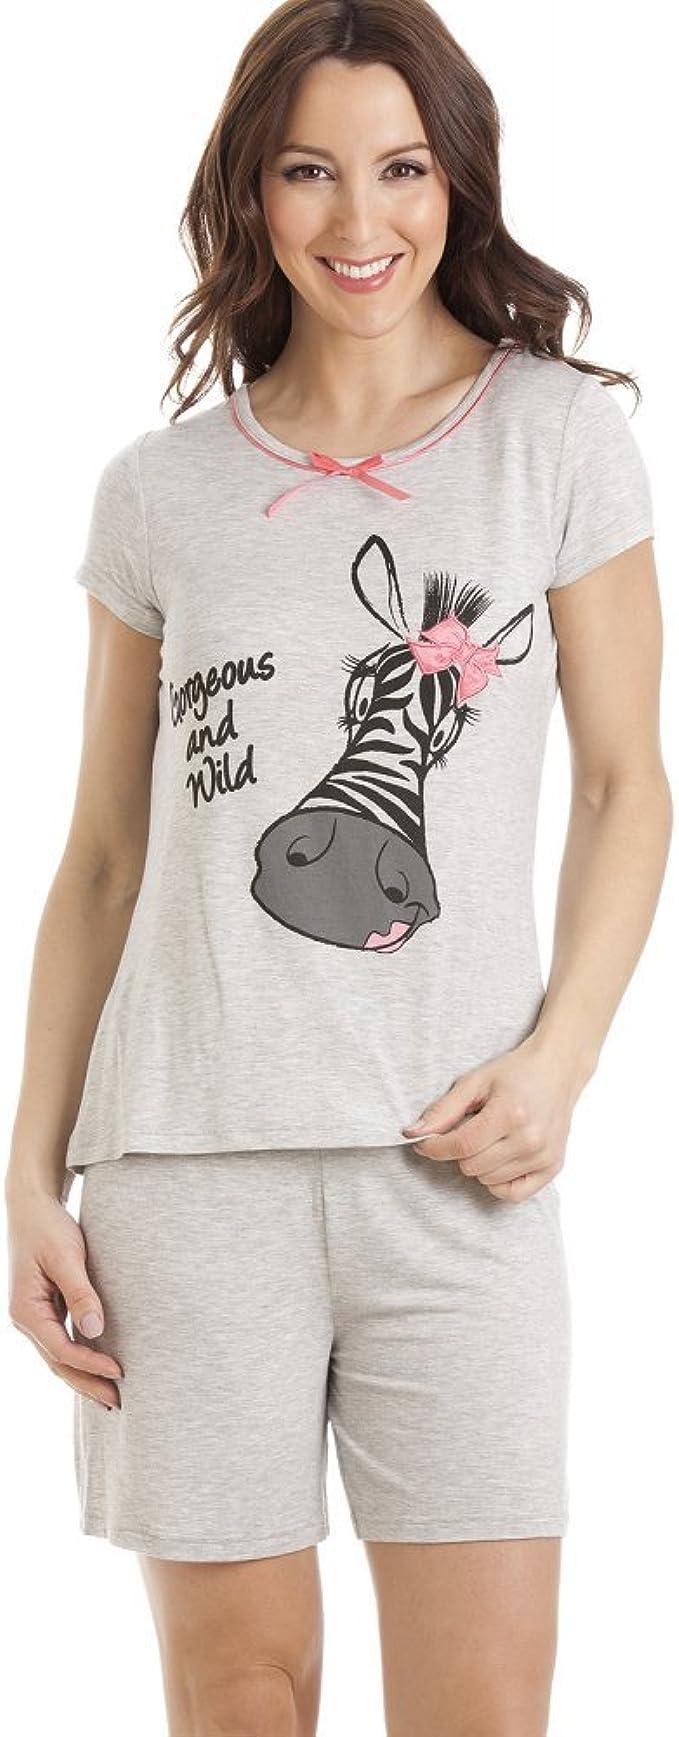 Pijama con pantalón Corto y Camiseta de Manga Corta - Motivo Cebra - Gris